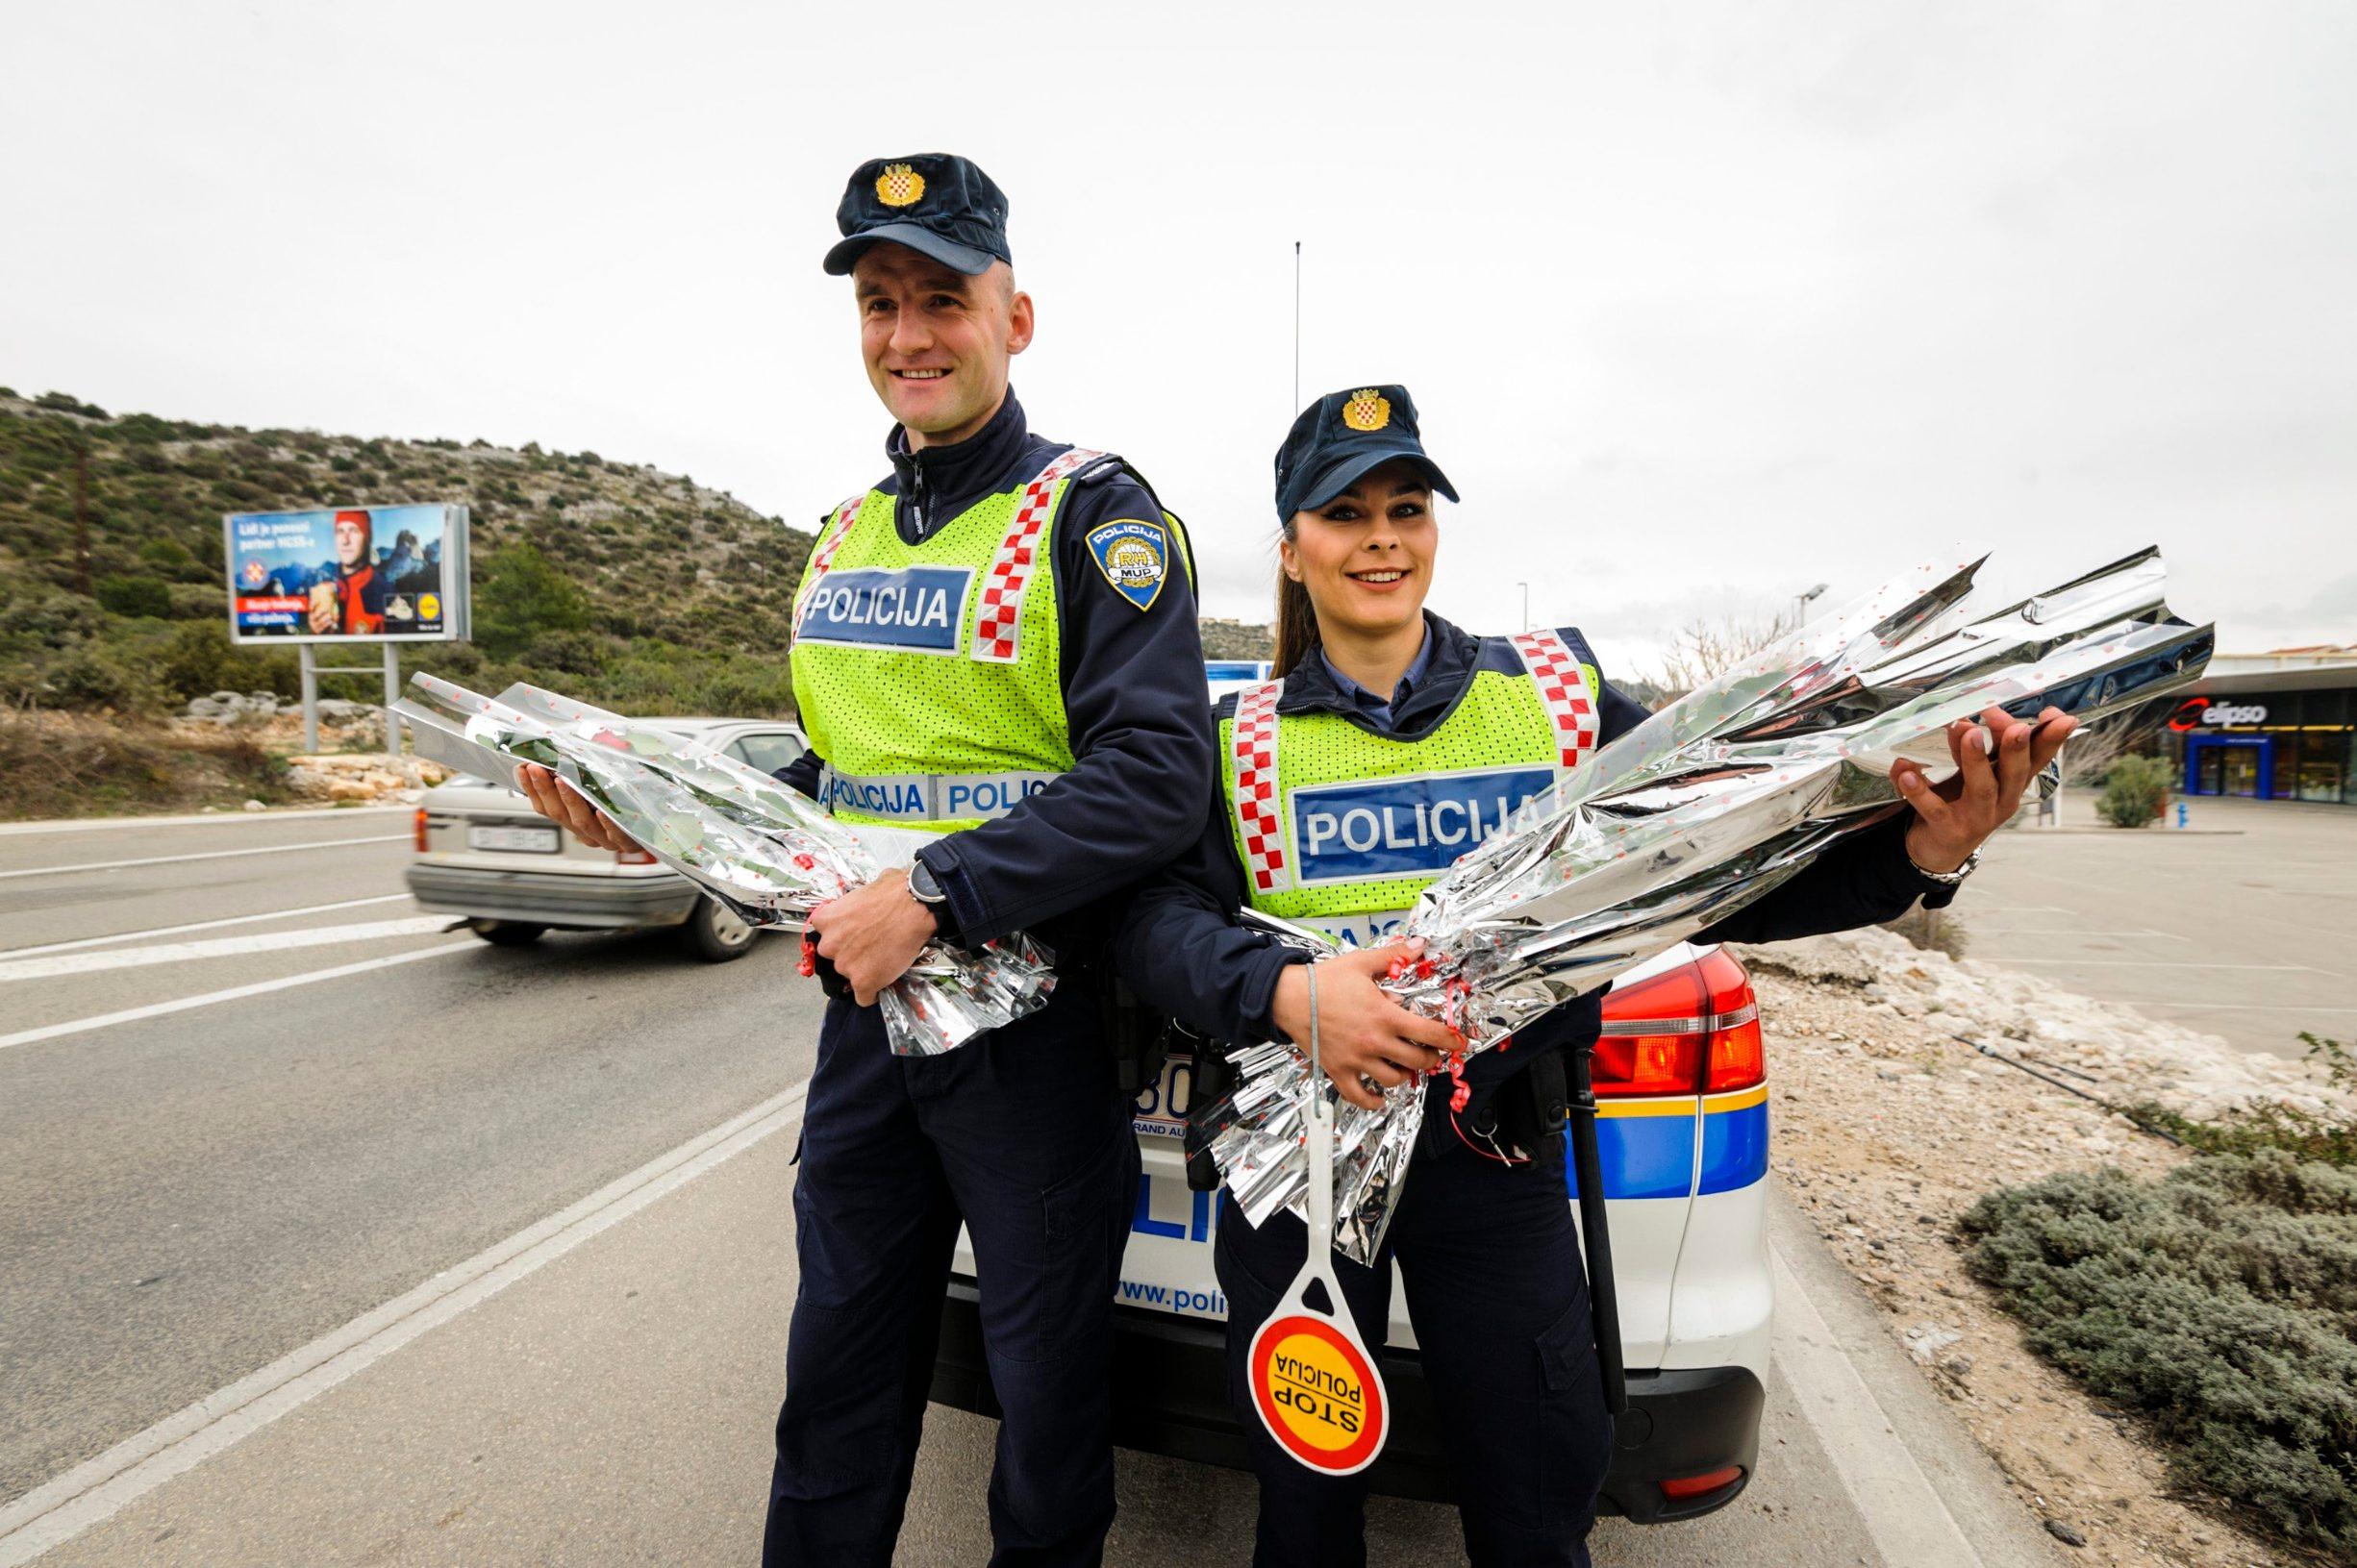 policija_promet17-080319